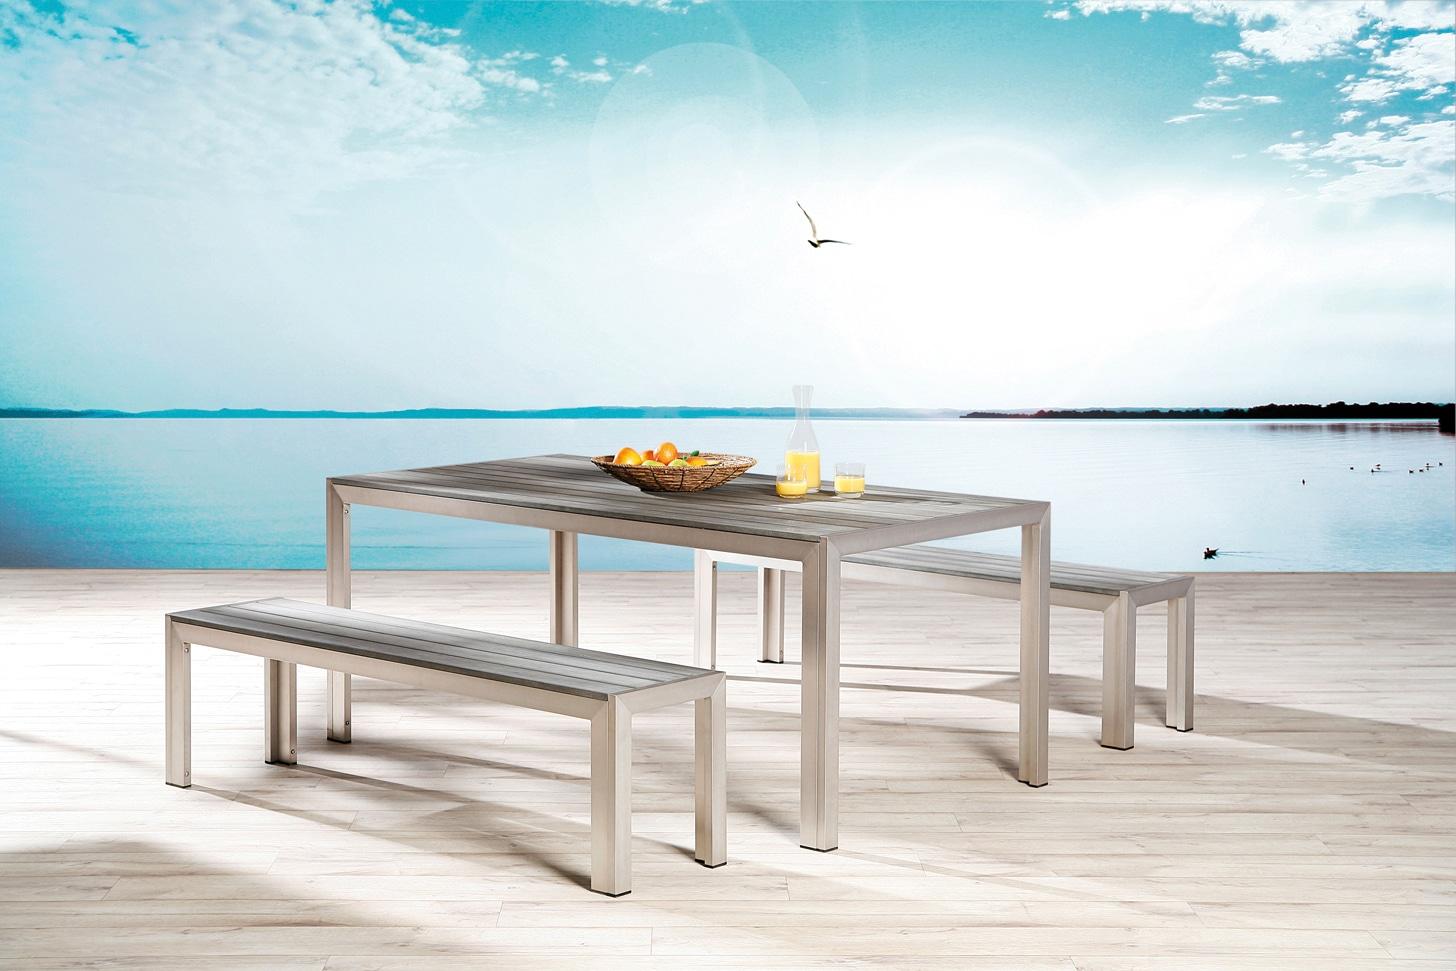 BEST Gartenmöbelset Seattle 3-tlg 2 Bänke Tisch 180x90 cm Aluminium